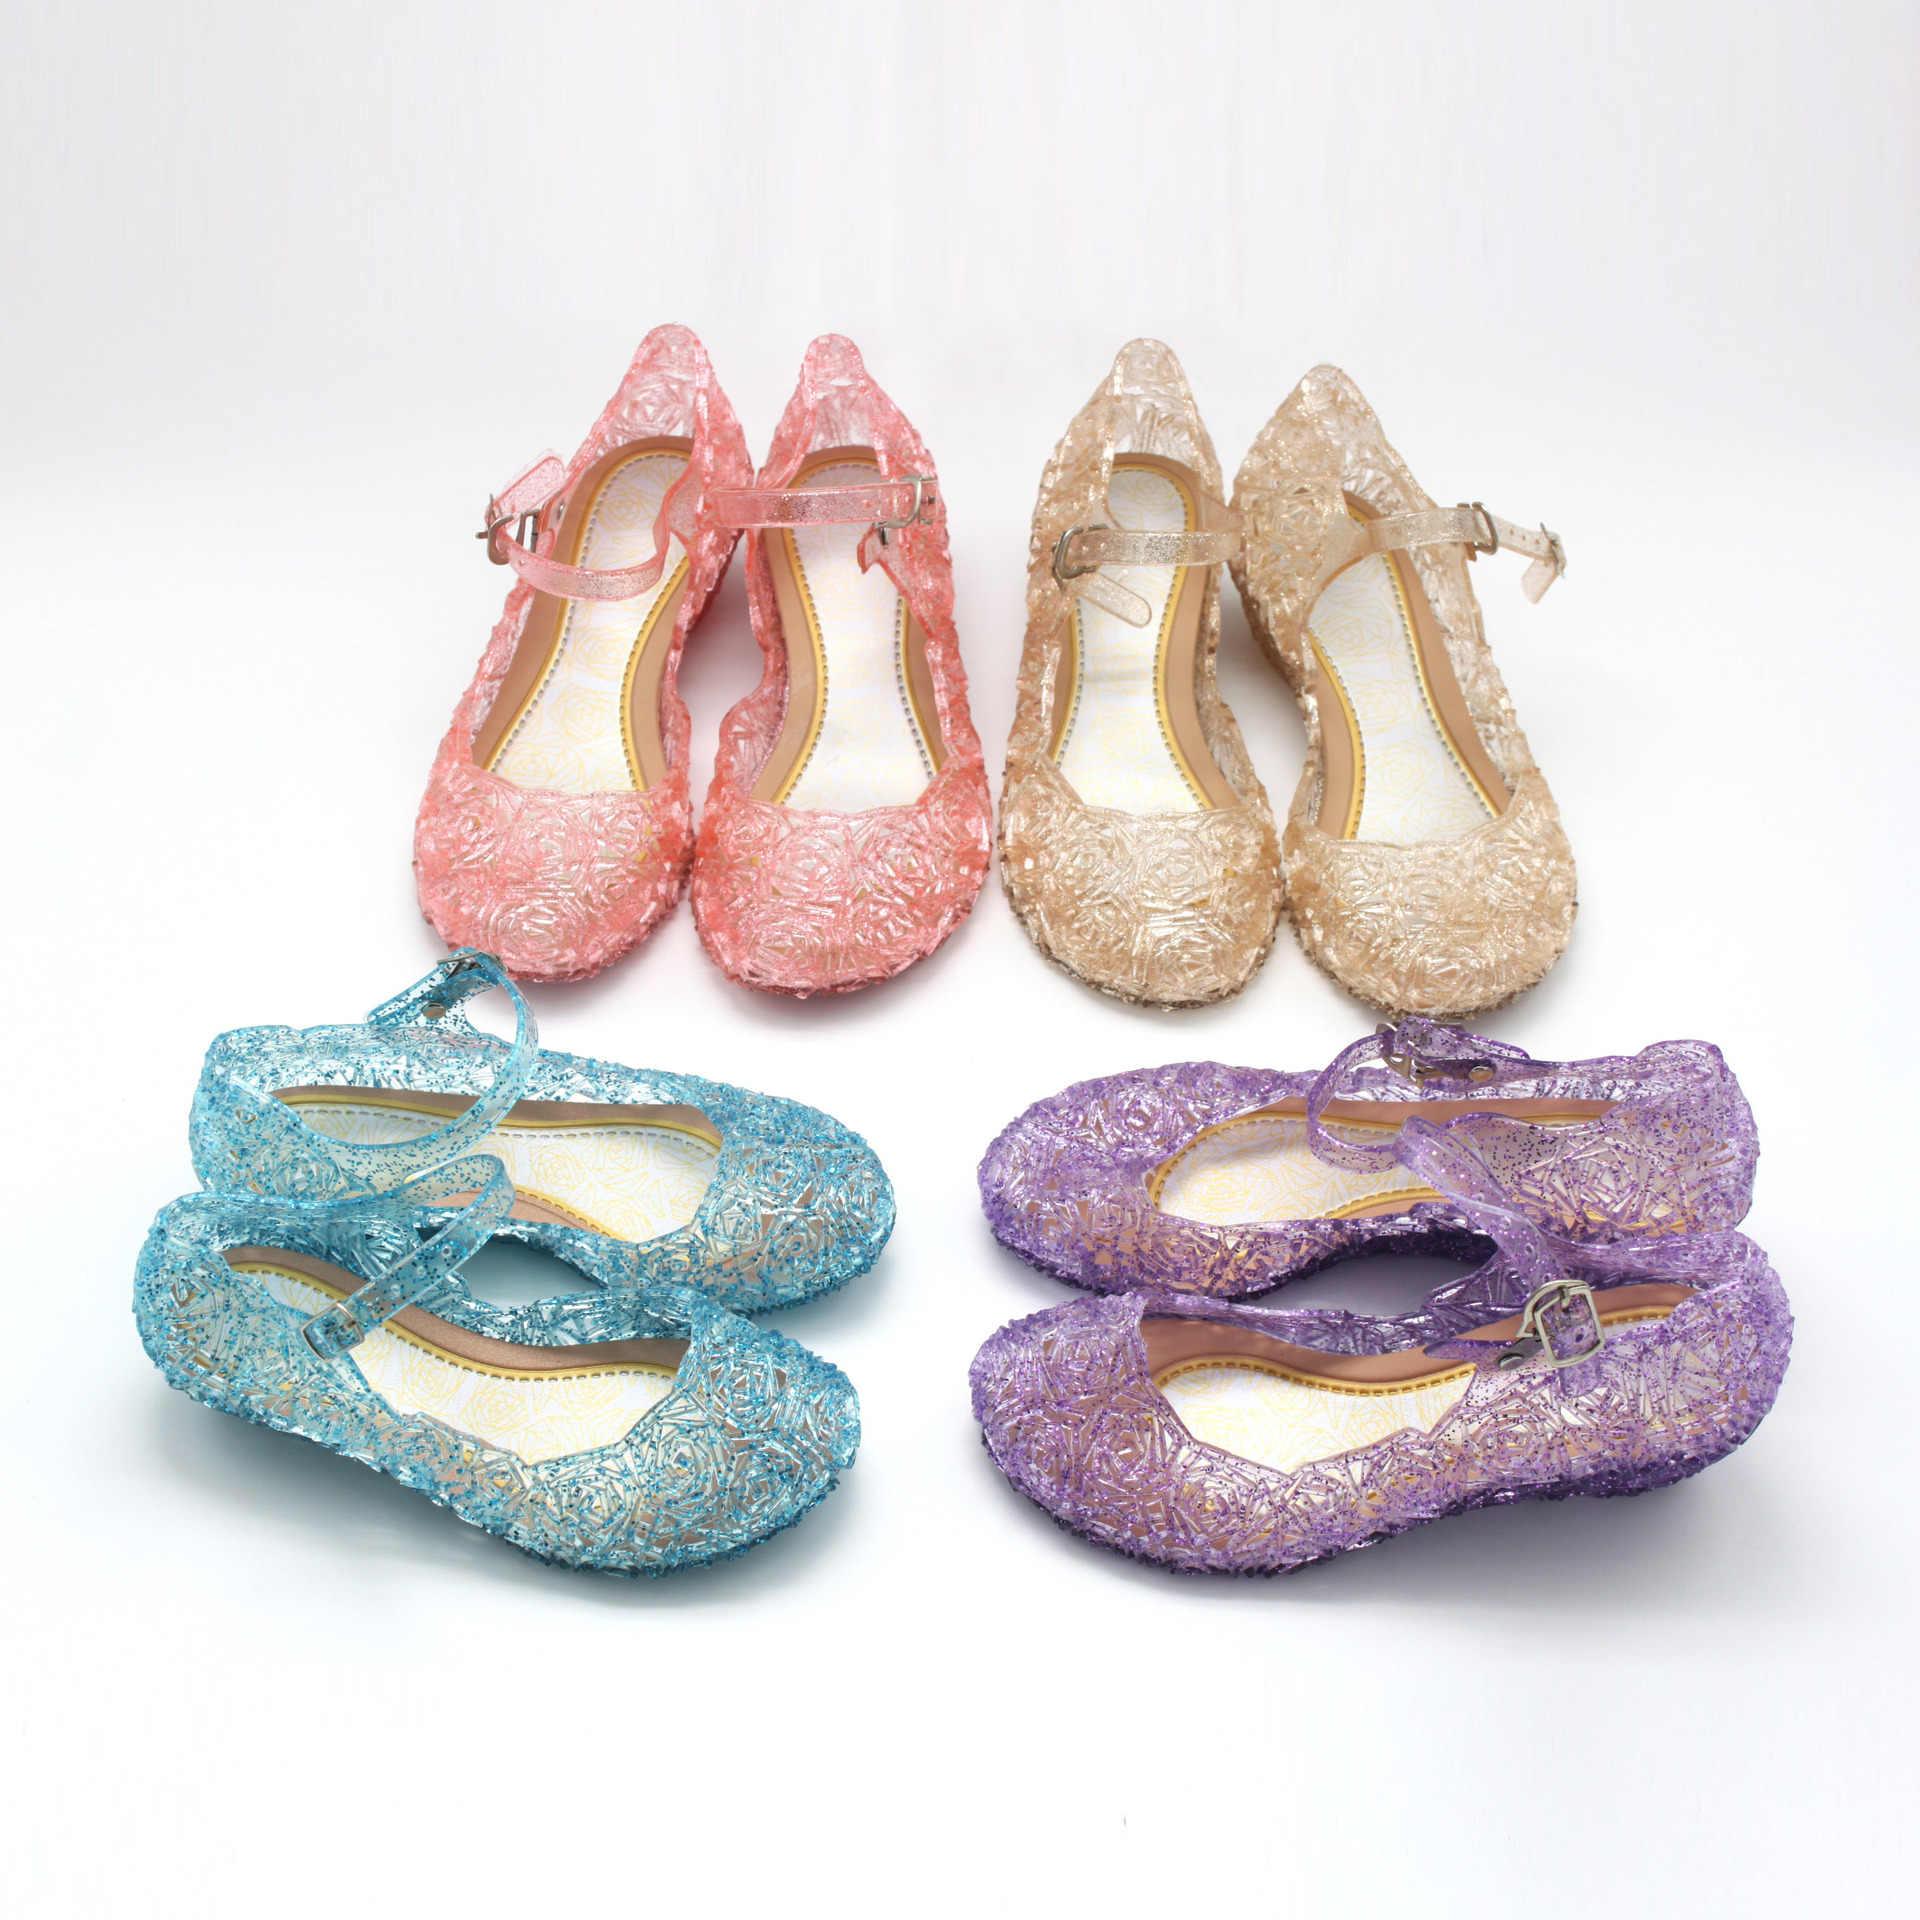 Sandália de cristal transparente para meninas, acessório de cosplay de princesa, elsa e pvc